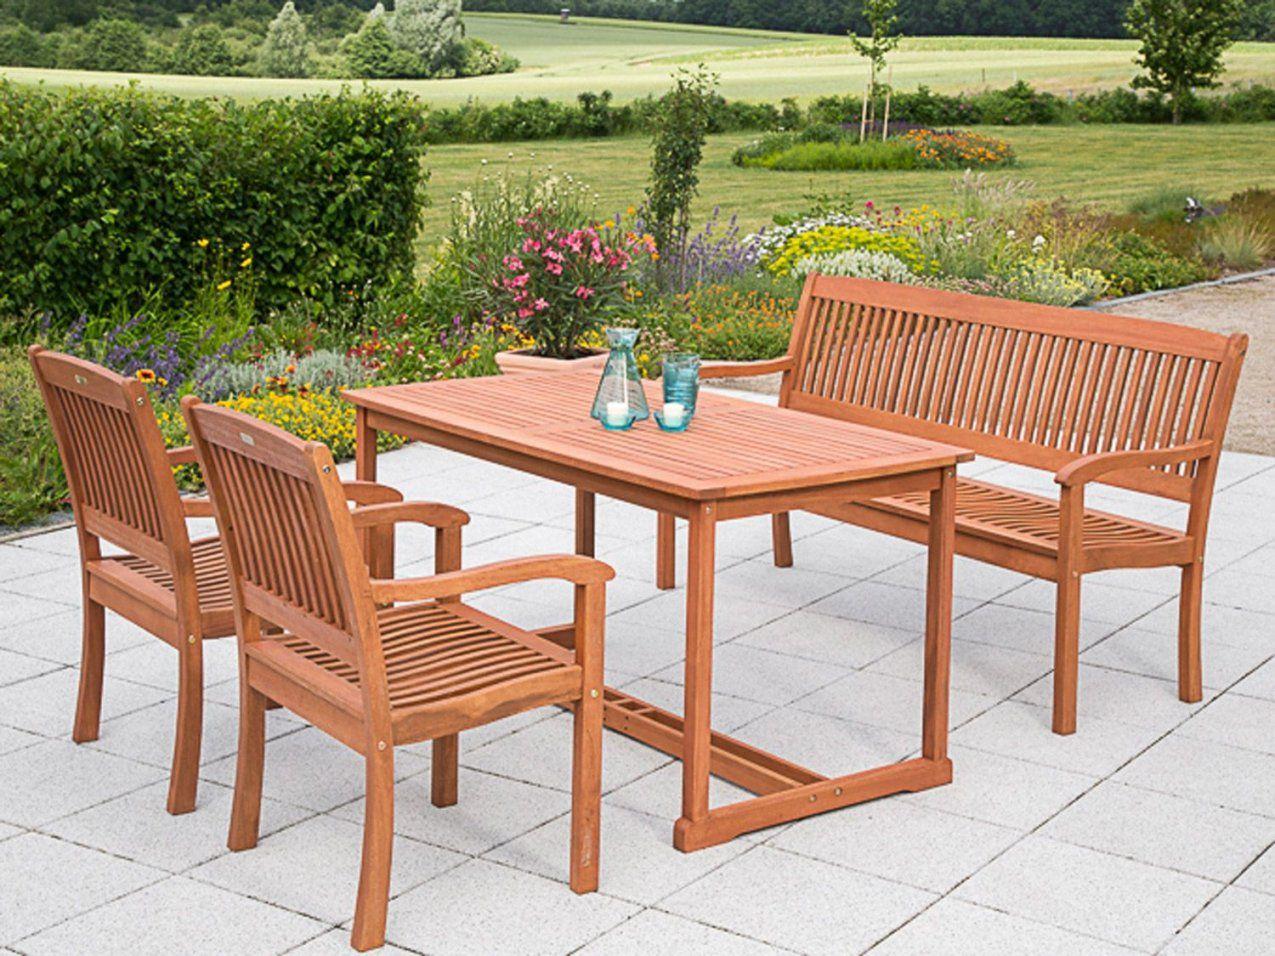 Gartenmöbel Set Holz Mit Bank  Ambiznes von Villeroy Und Boch Gartenmöbel Photo